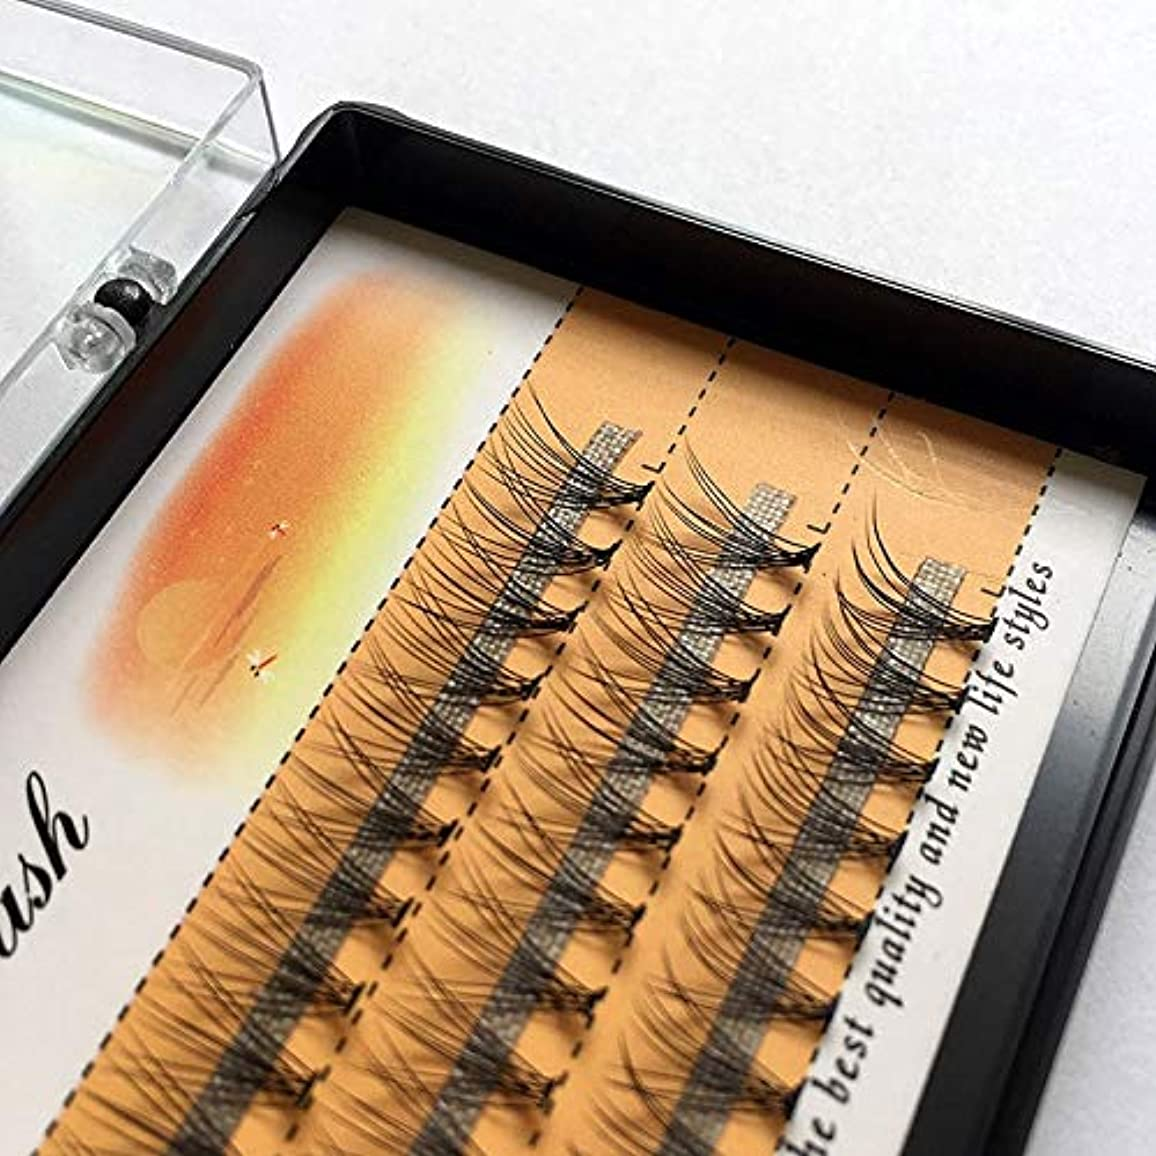 反発注ぎます検証美容アクセサリー 3ボックスナチュラルロング個々フレアまつげクラスタつけまつげ60バンドル/ボックス(10mm) 写真美容アクセサリー (色 : 10mm)